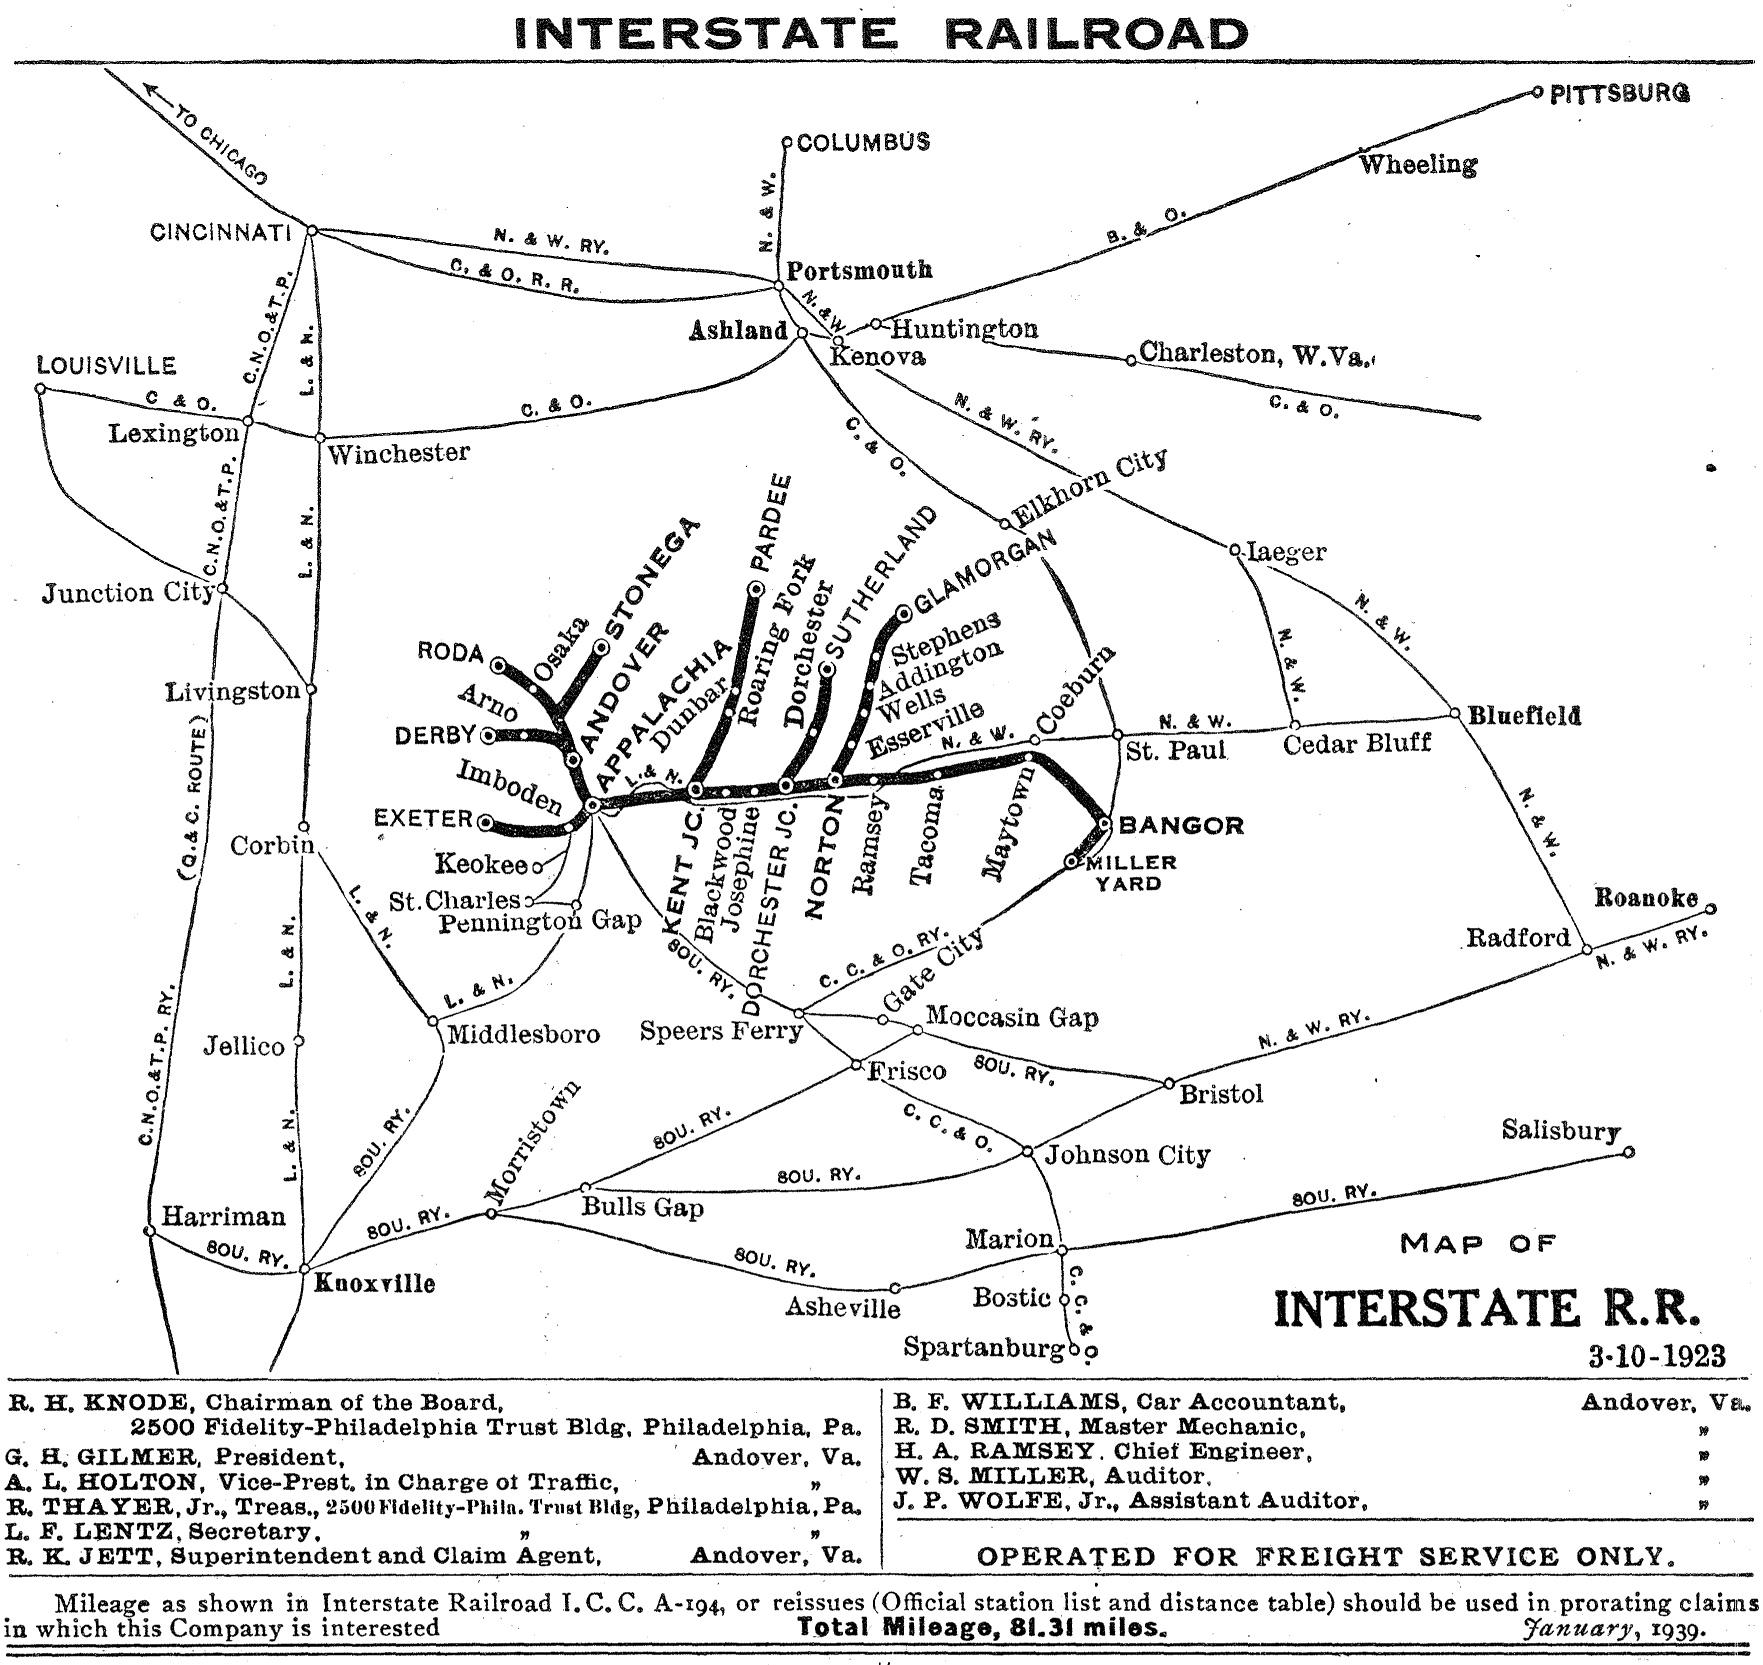 Interstate Railroad